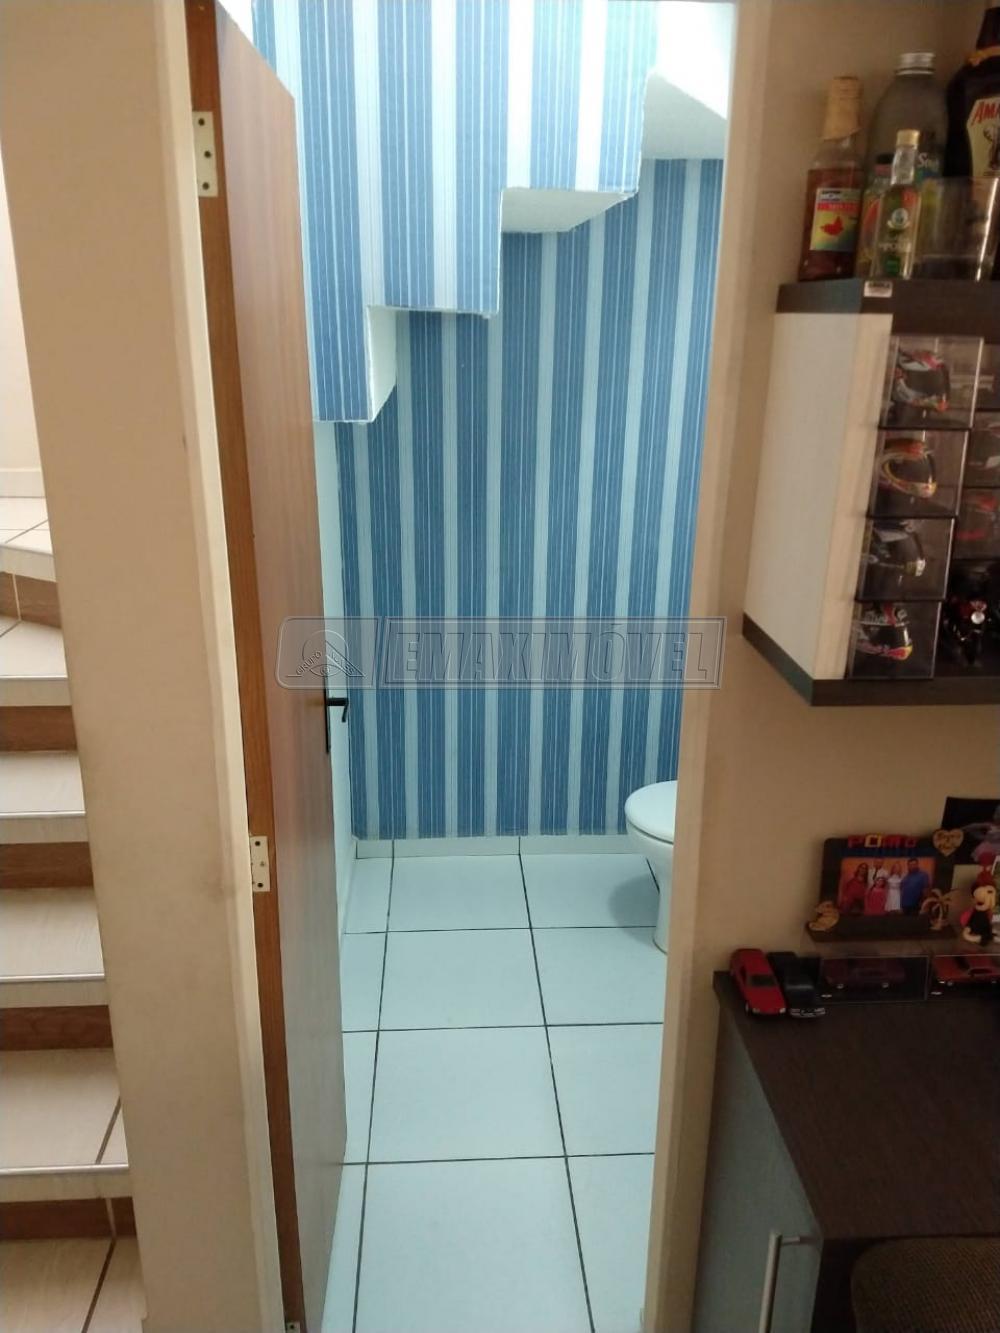 Comprar Casas / em Condomínios em Sorocaba apenas R$ 240.000,00 - Foto 6